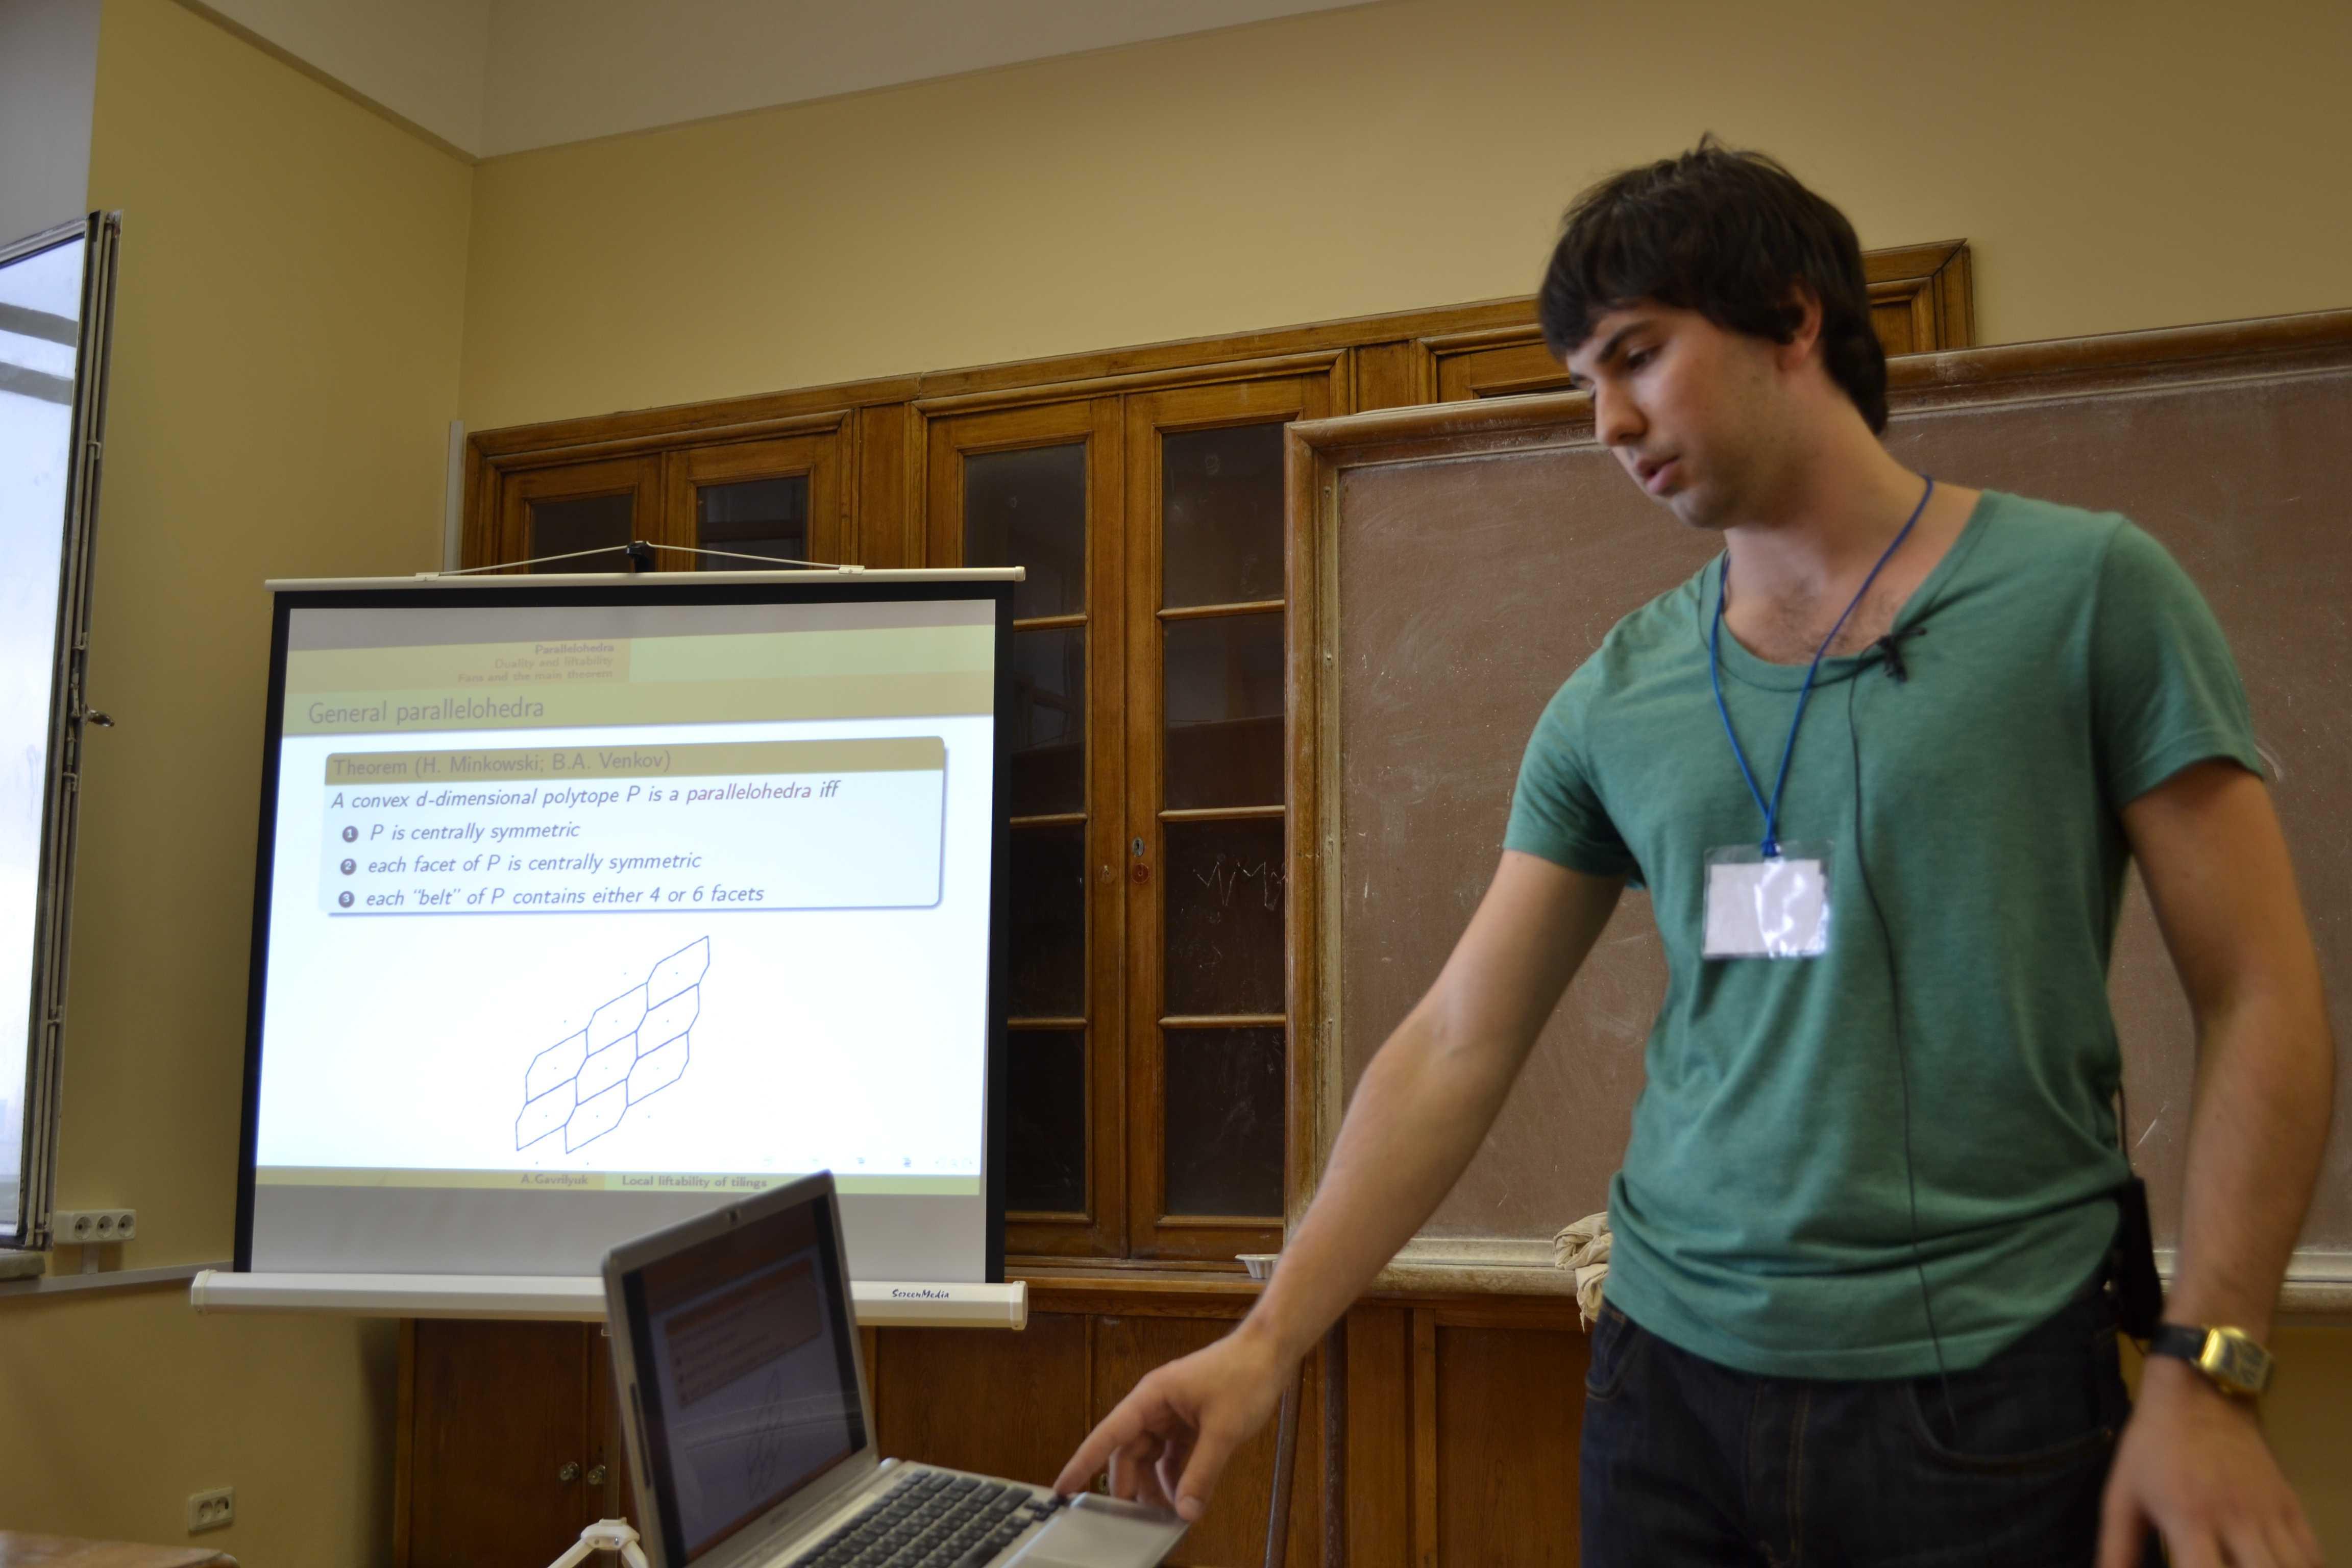 Gavrilyuk's talk